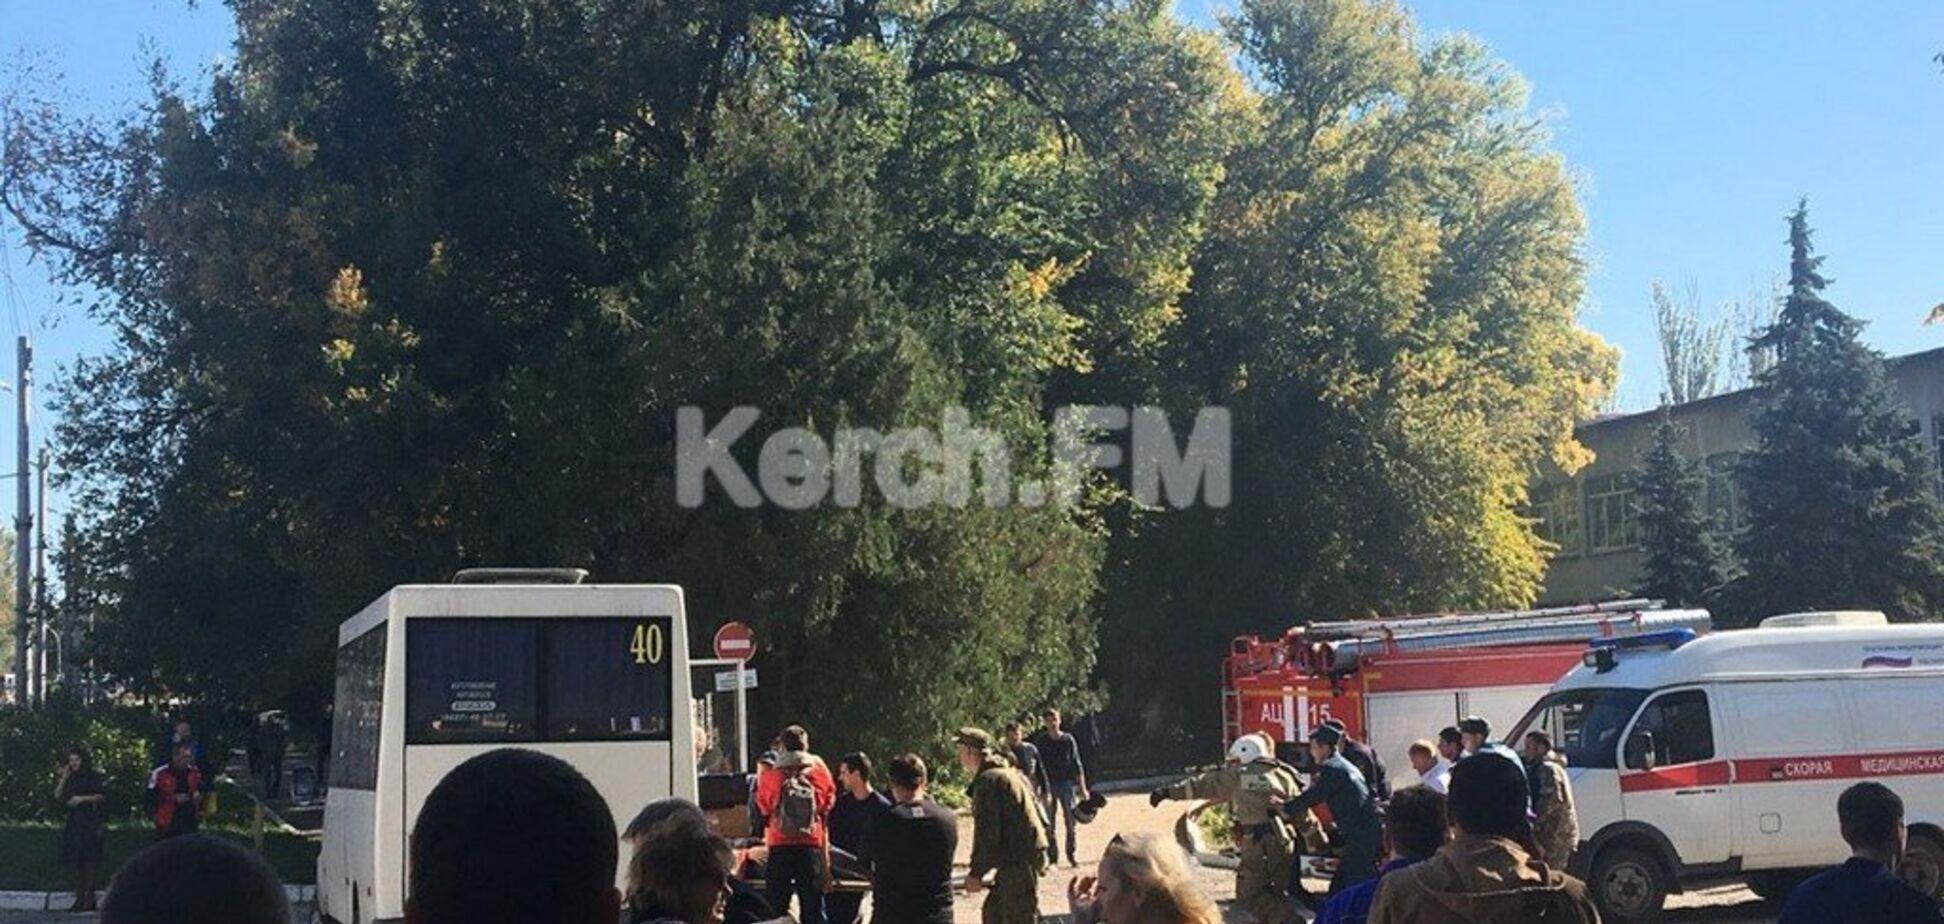 Був озброєний натовп: Тука озвучив нову несподівану версію вибуху в Керчі